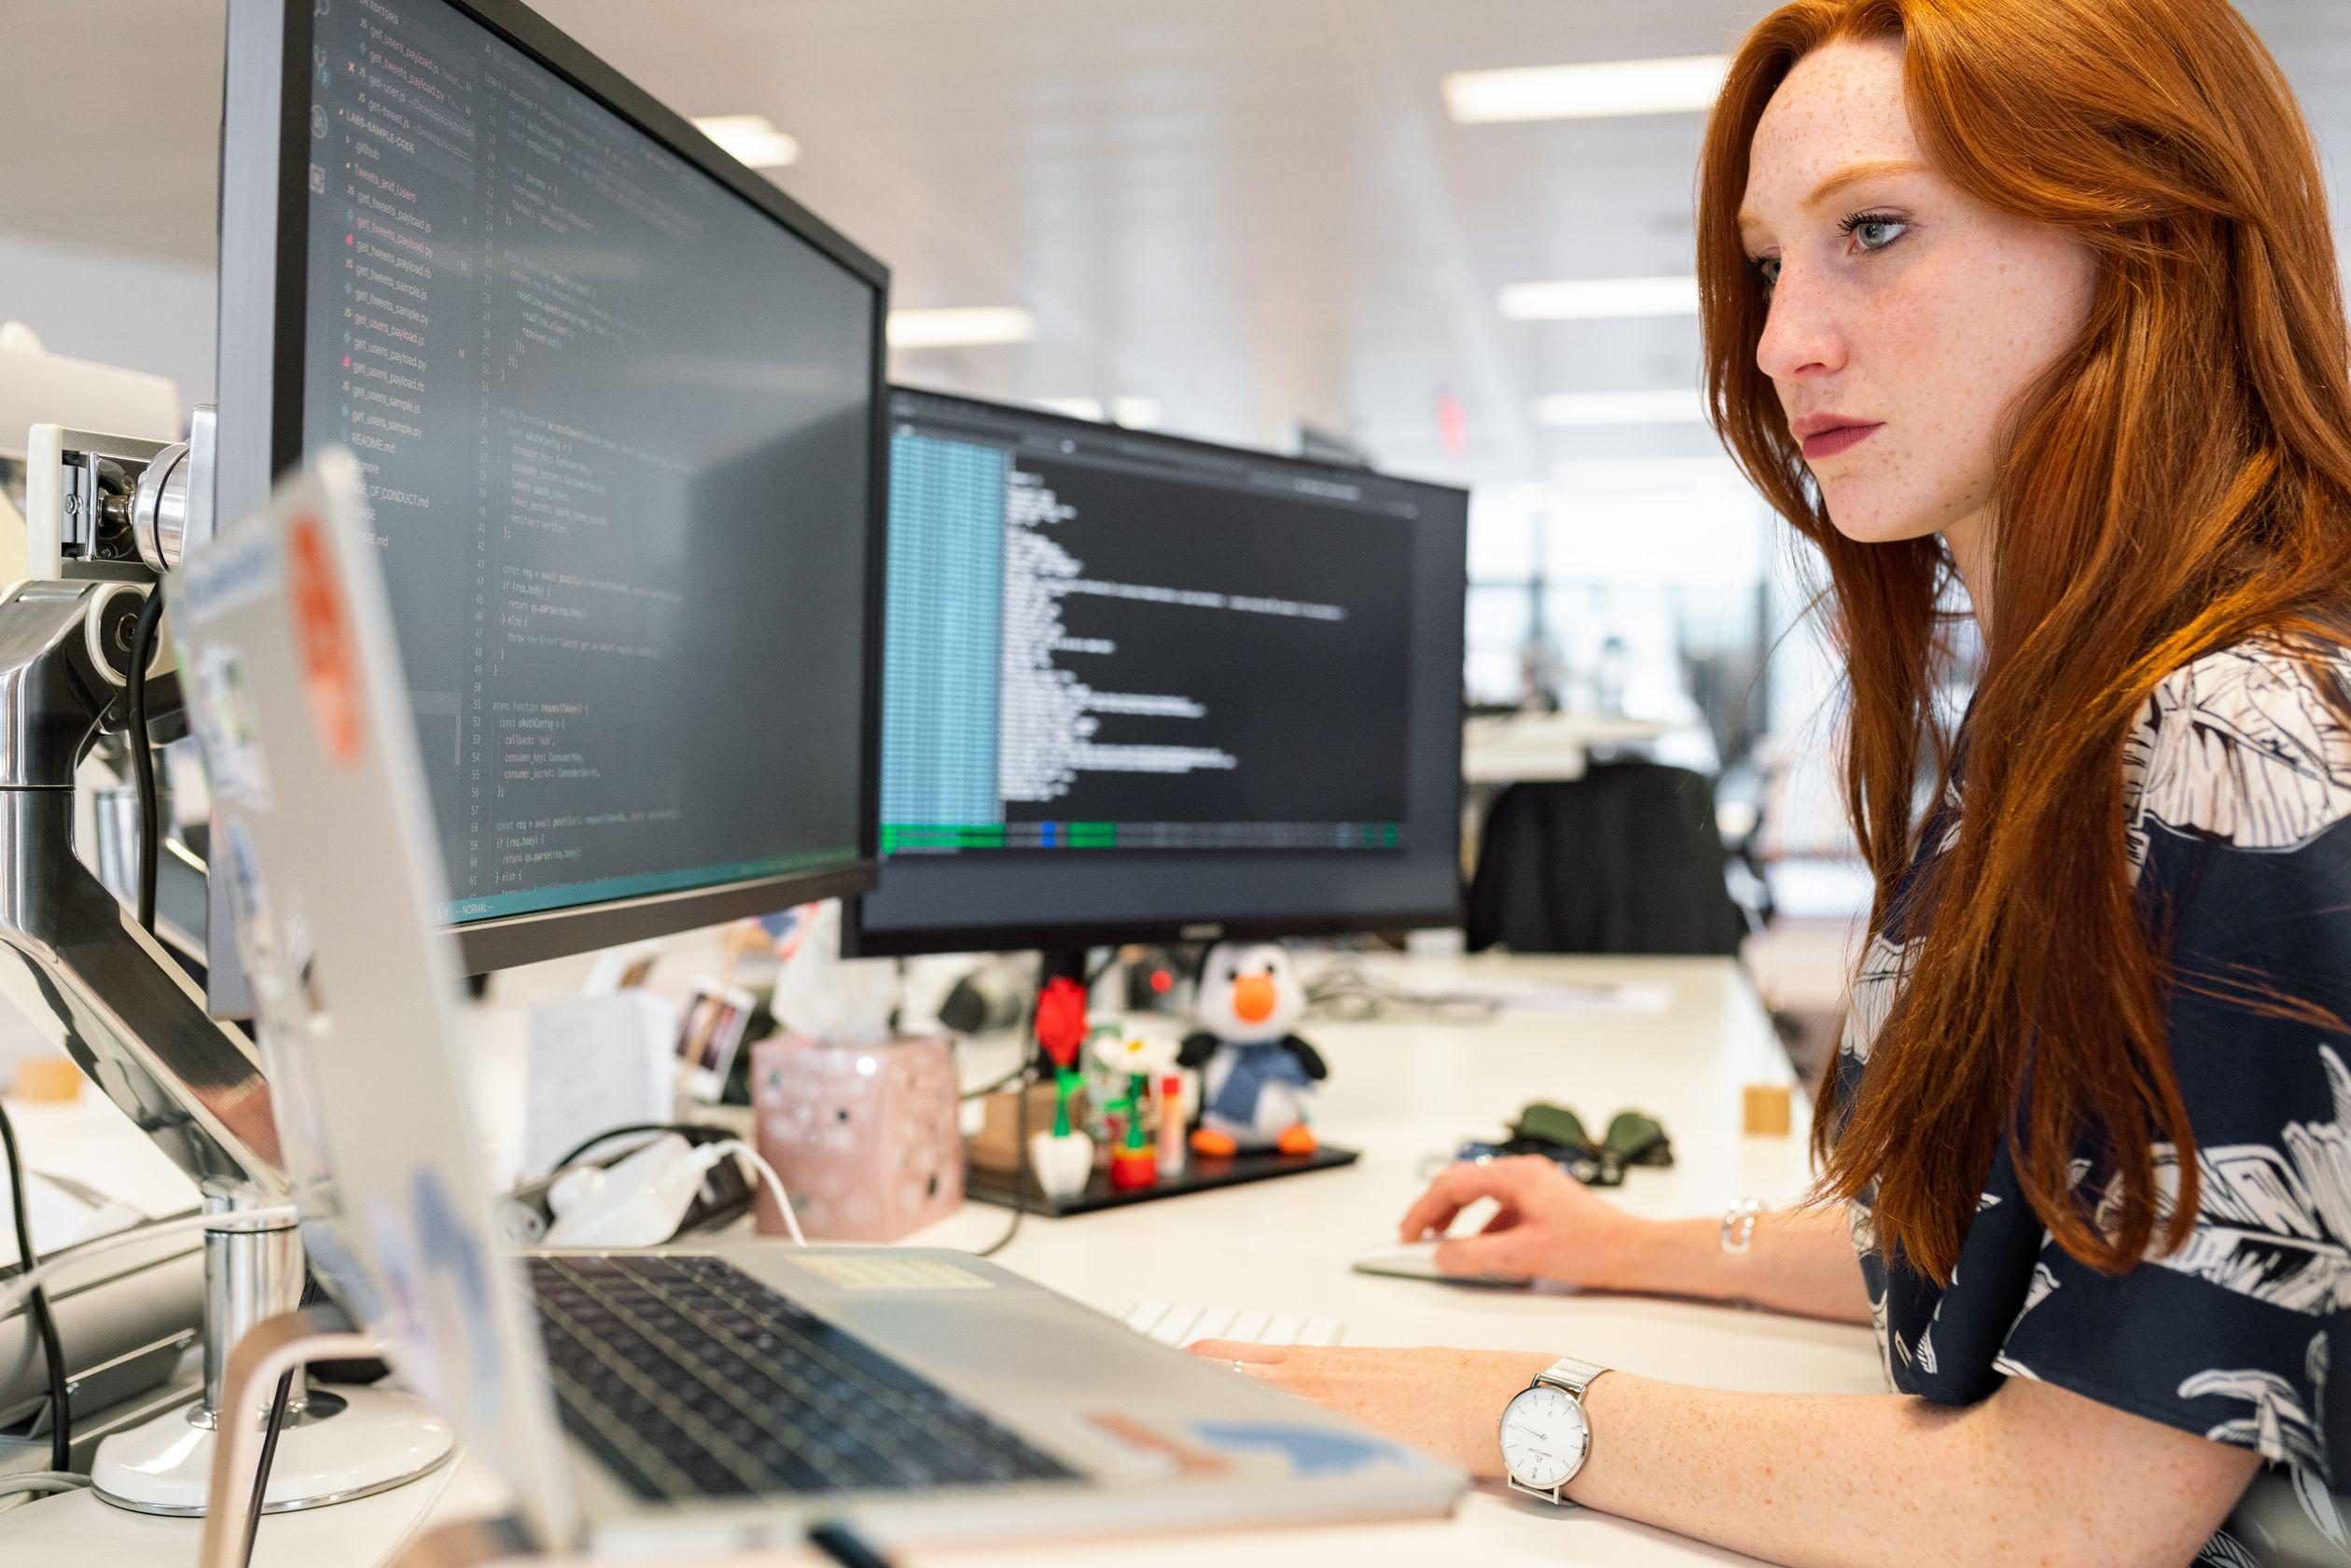 female developer work desk.jpg